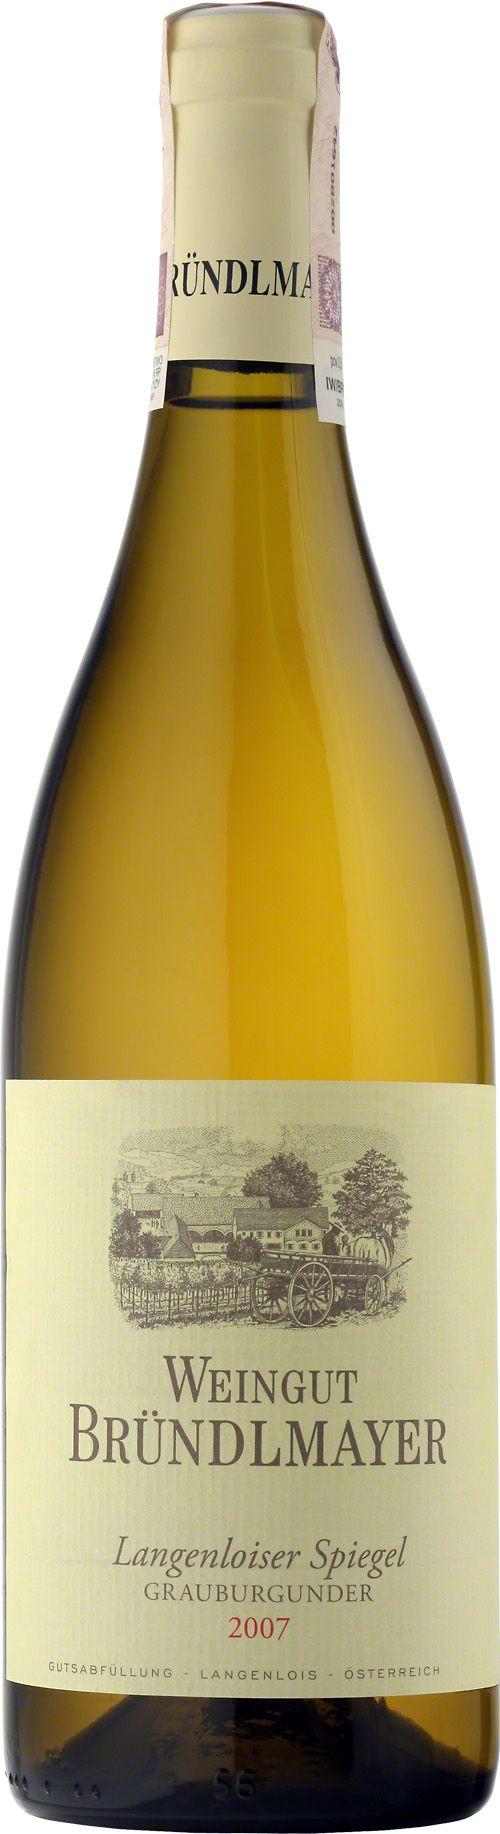 Bründlmayer Langenloiser Spiegel Grauburgunder Cudowny, nasycony żółty kolor, silny bukiet pełen egzotycznych owoców, dopełniony akcentami orzechów, przypraw i tytoniu. Eleganckie wino z bogatą, silną strukturą. #Brundlmayer #Langenloiser #Spiegel #Grauburgunder #Wino #Austria #Winezja